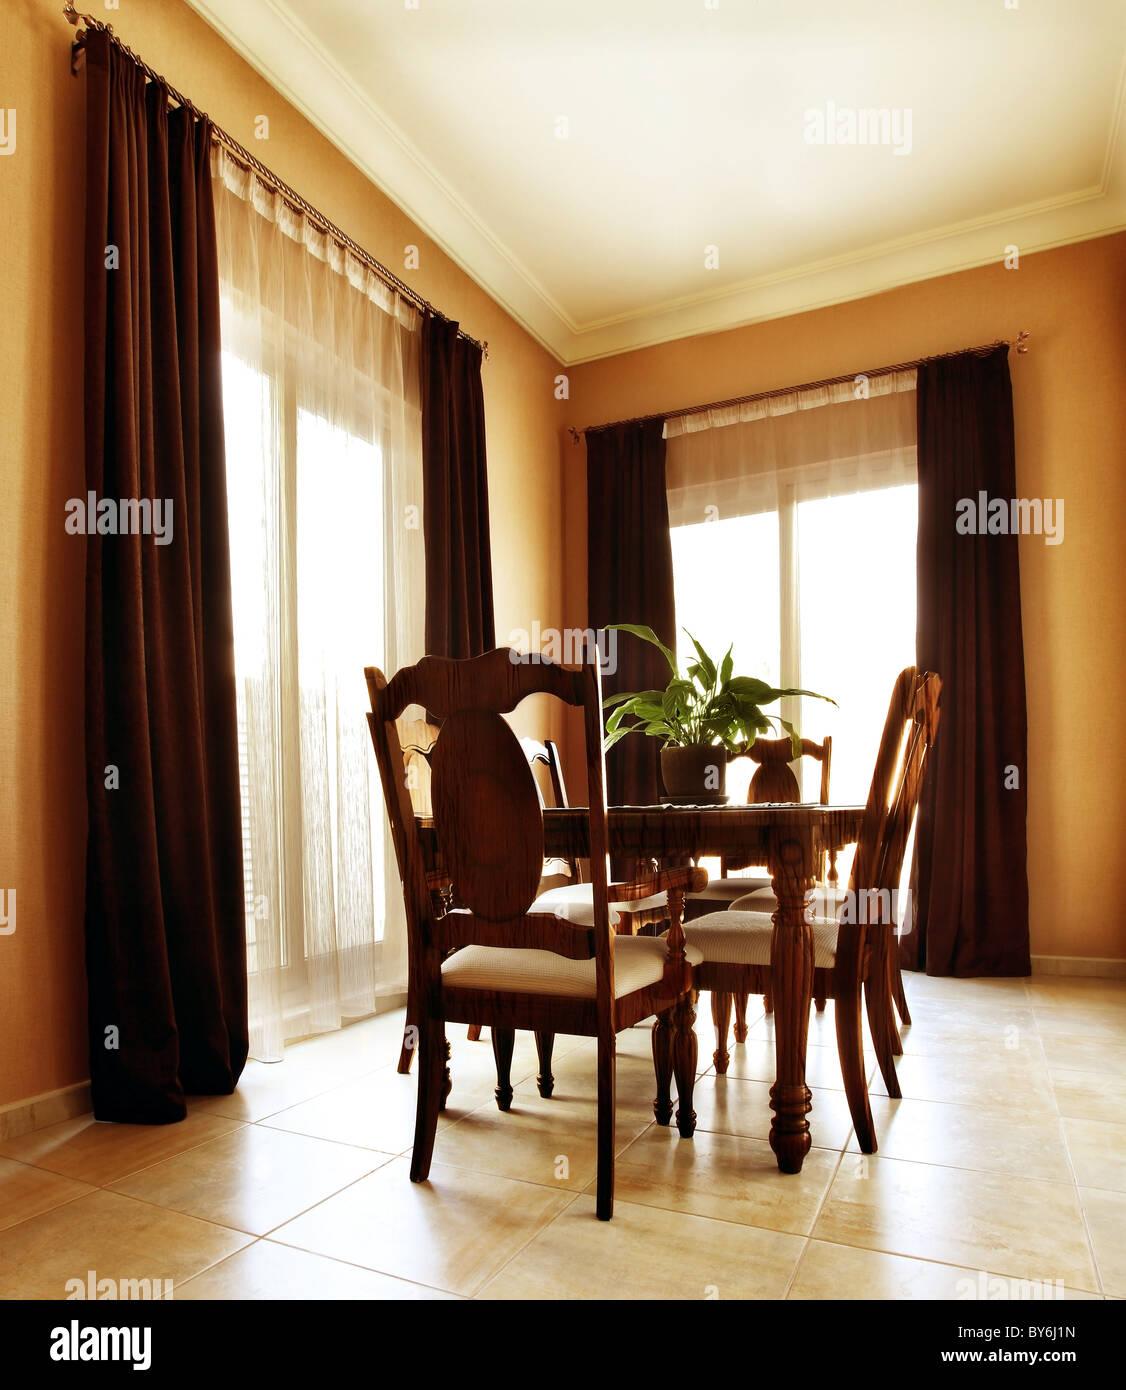 Appartement De Luxe Avec Un Design Intérieur élégant Et Moderne, Salle à  Manger